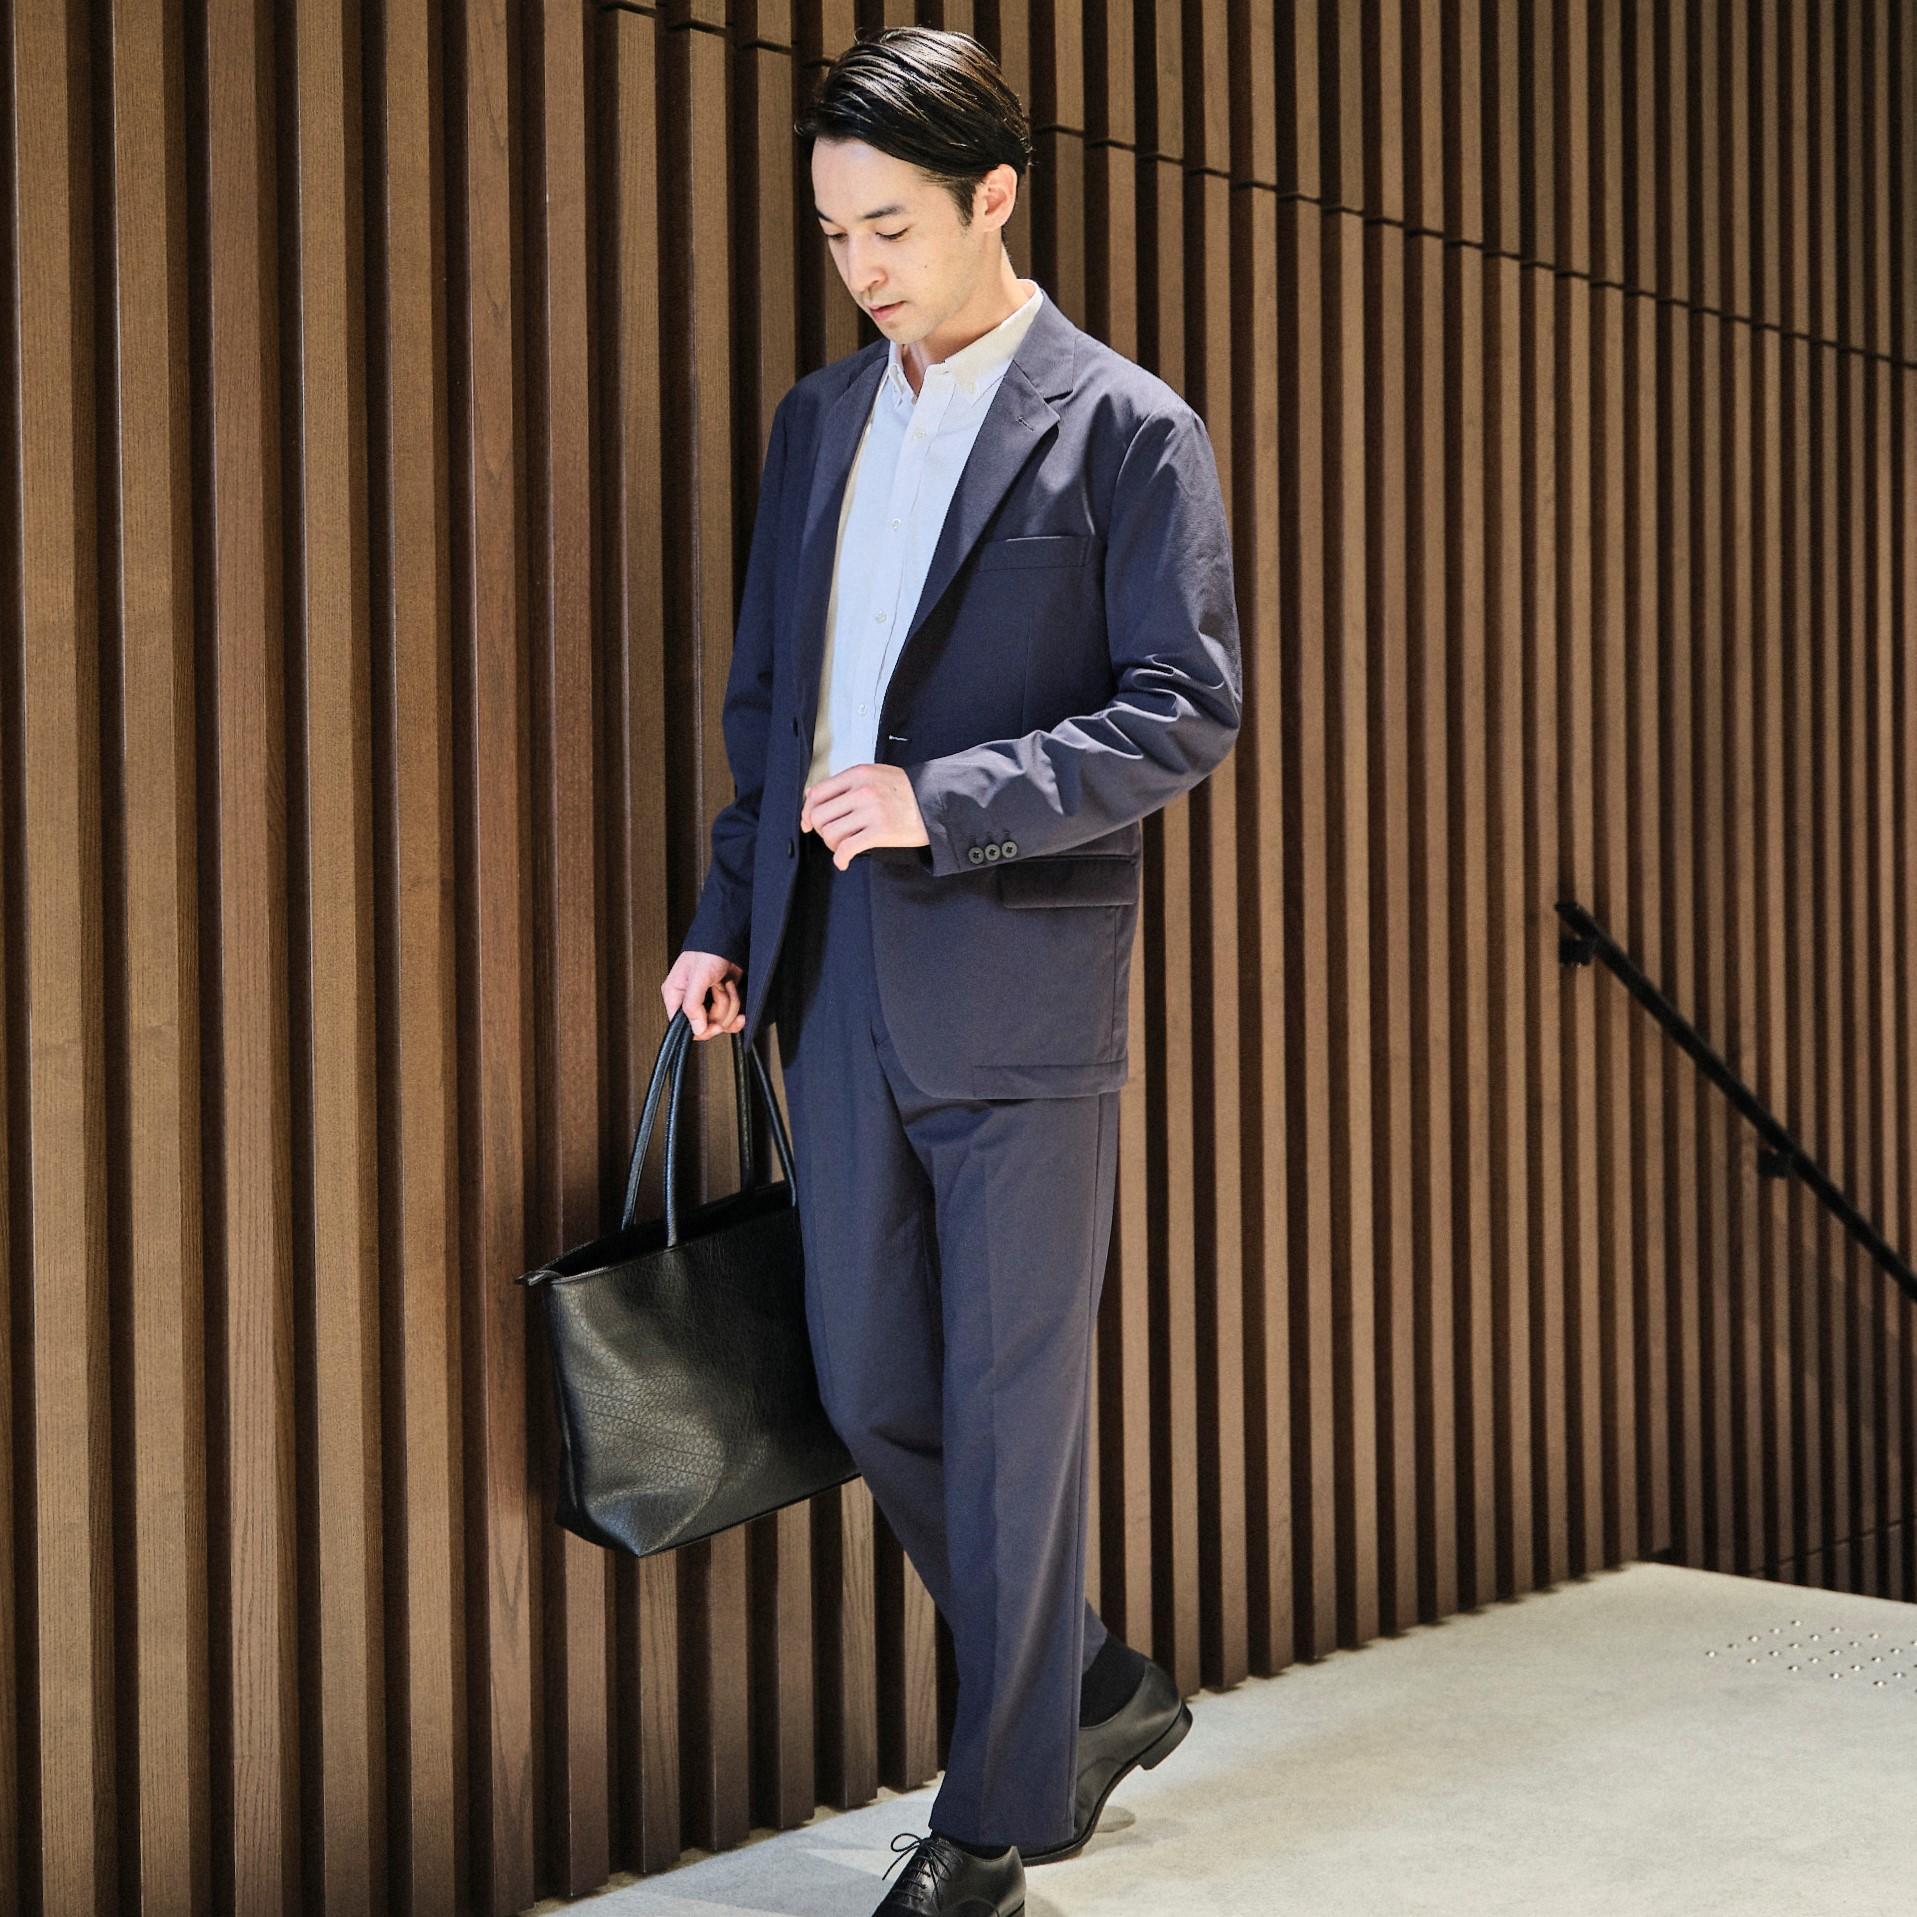 カジュアルスーツとビジネススーツの違いは?着こなしポイントを解説